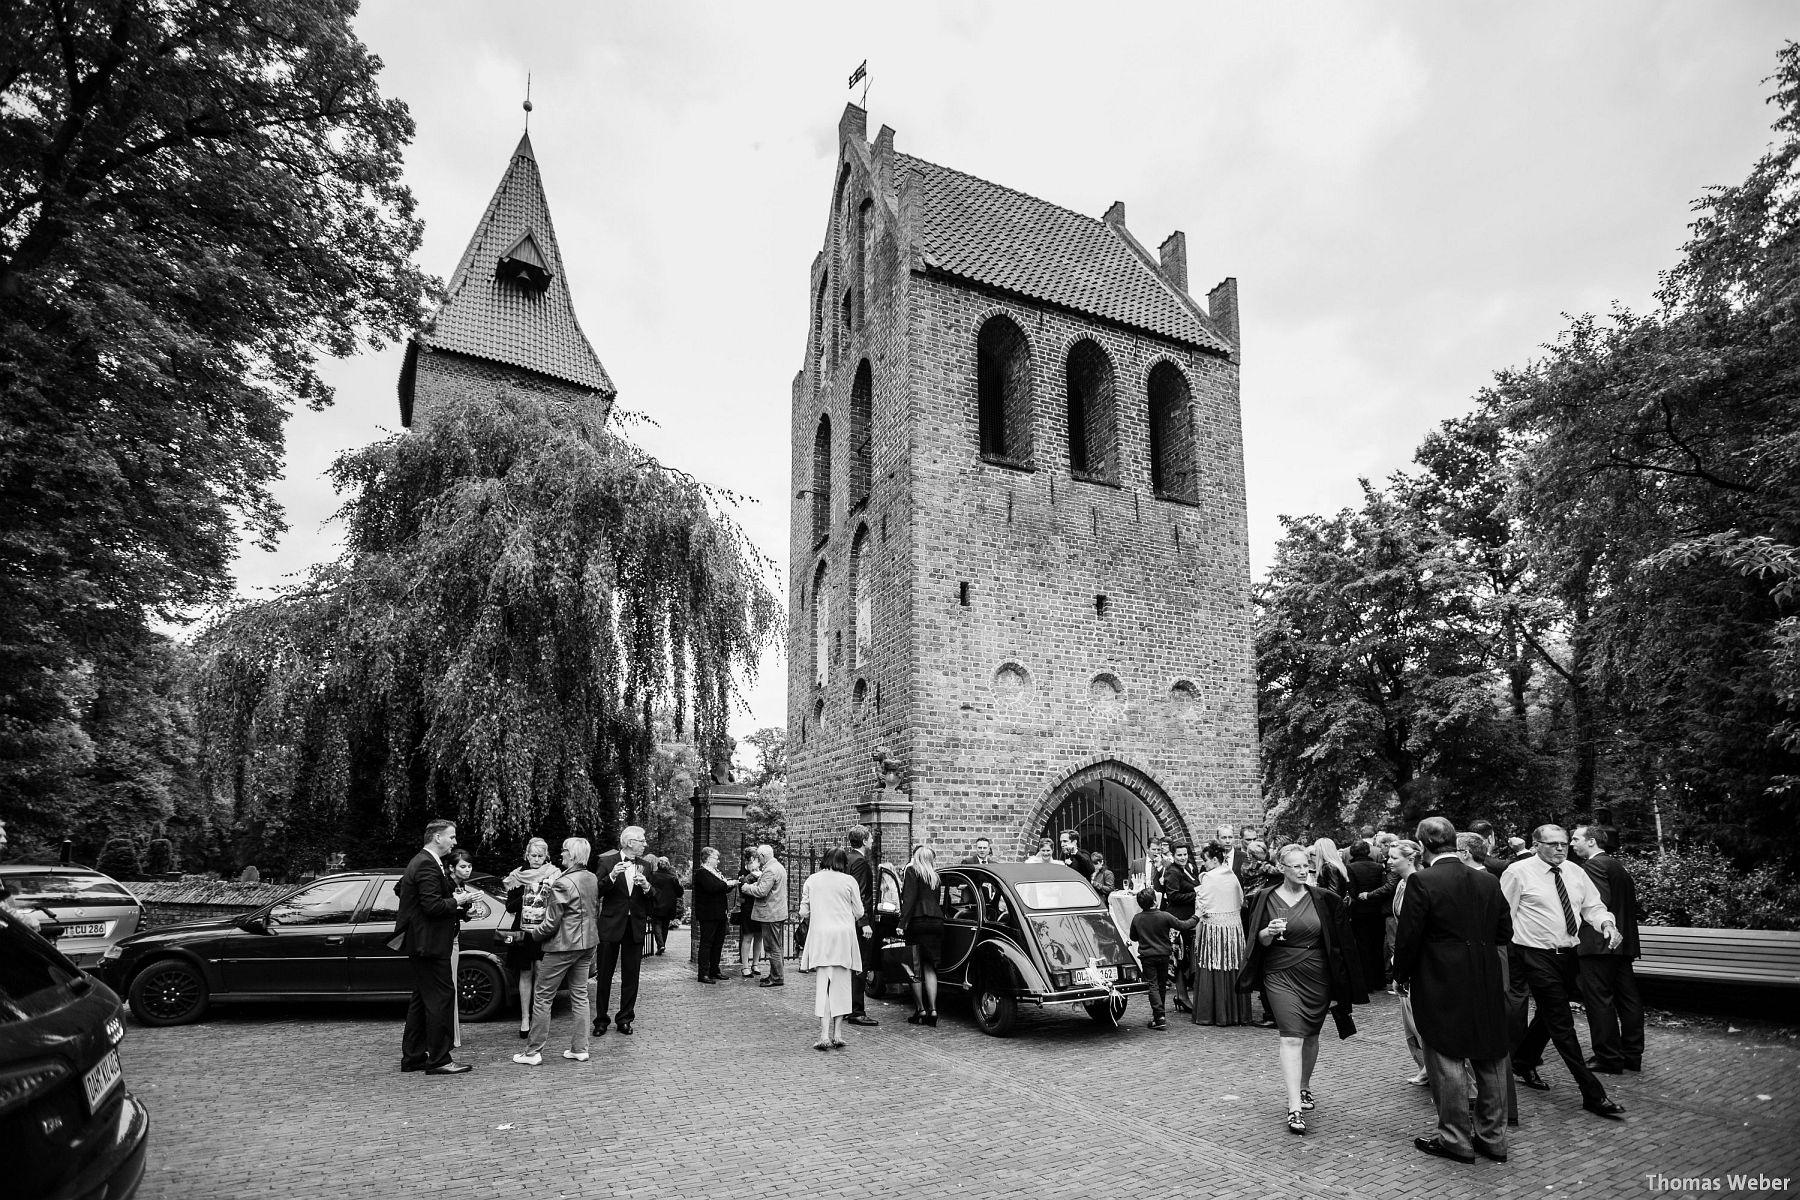 Hochzeitsfotograf Rastede: Kirchliche Trauung in der St. Ulrichs Kirche Rastede und Hochzeitsfeier in der Eventscheune St Georg Rastede mit dem Catering von Michael Niebuhr aus Oldenburg (33)